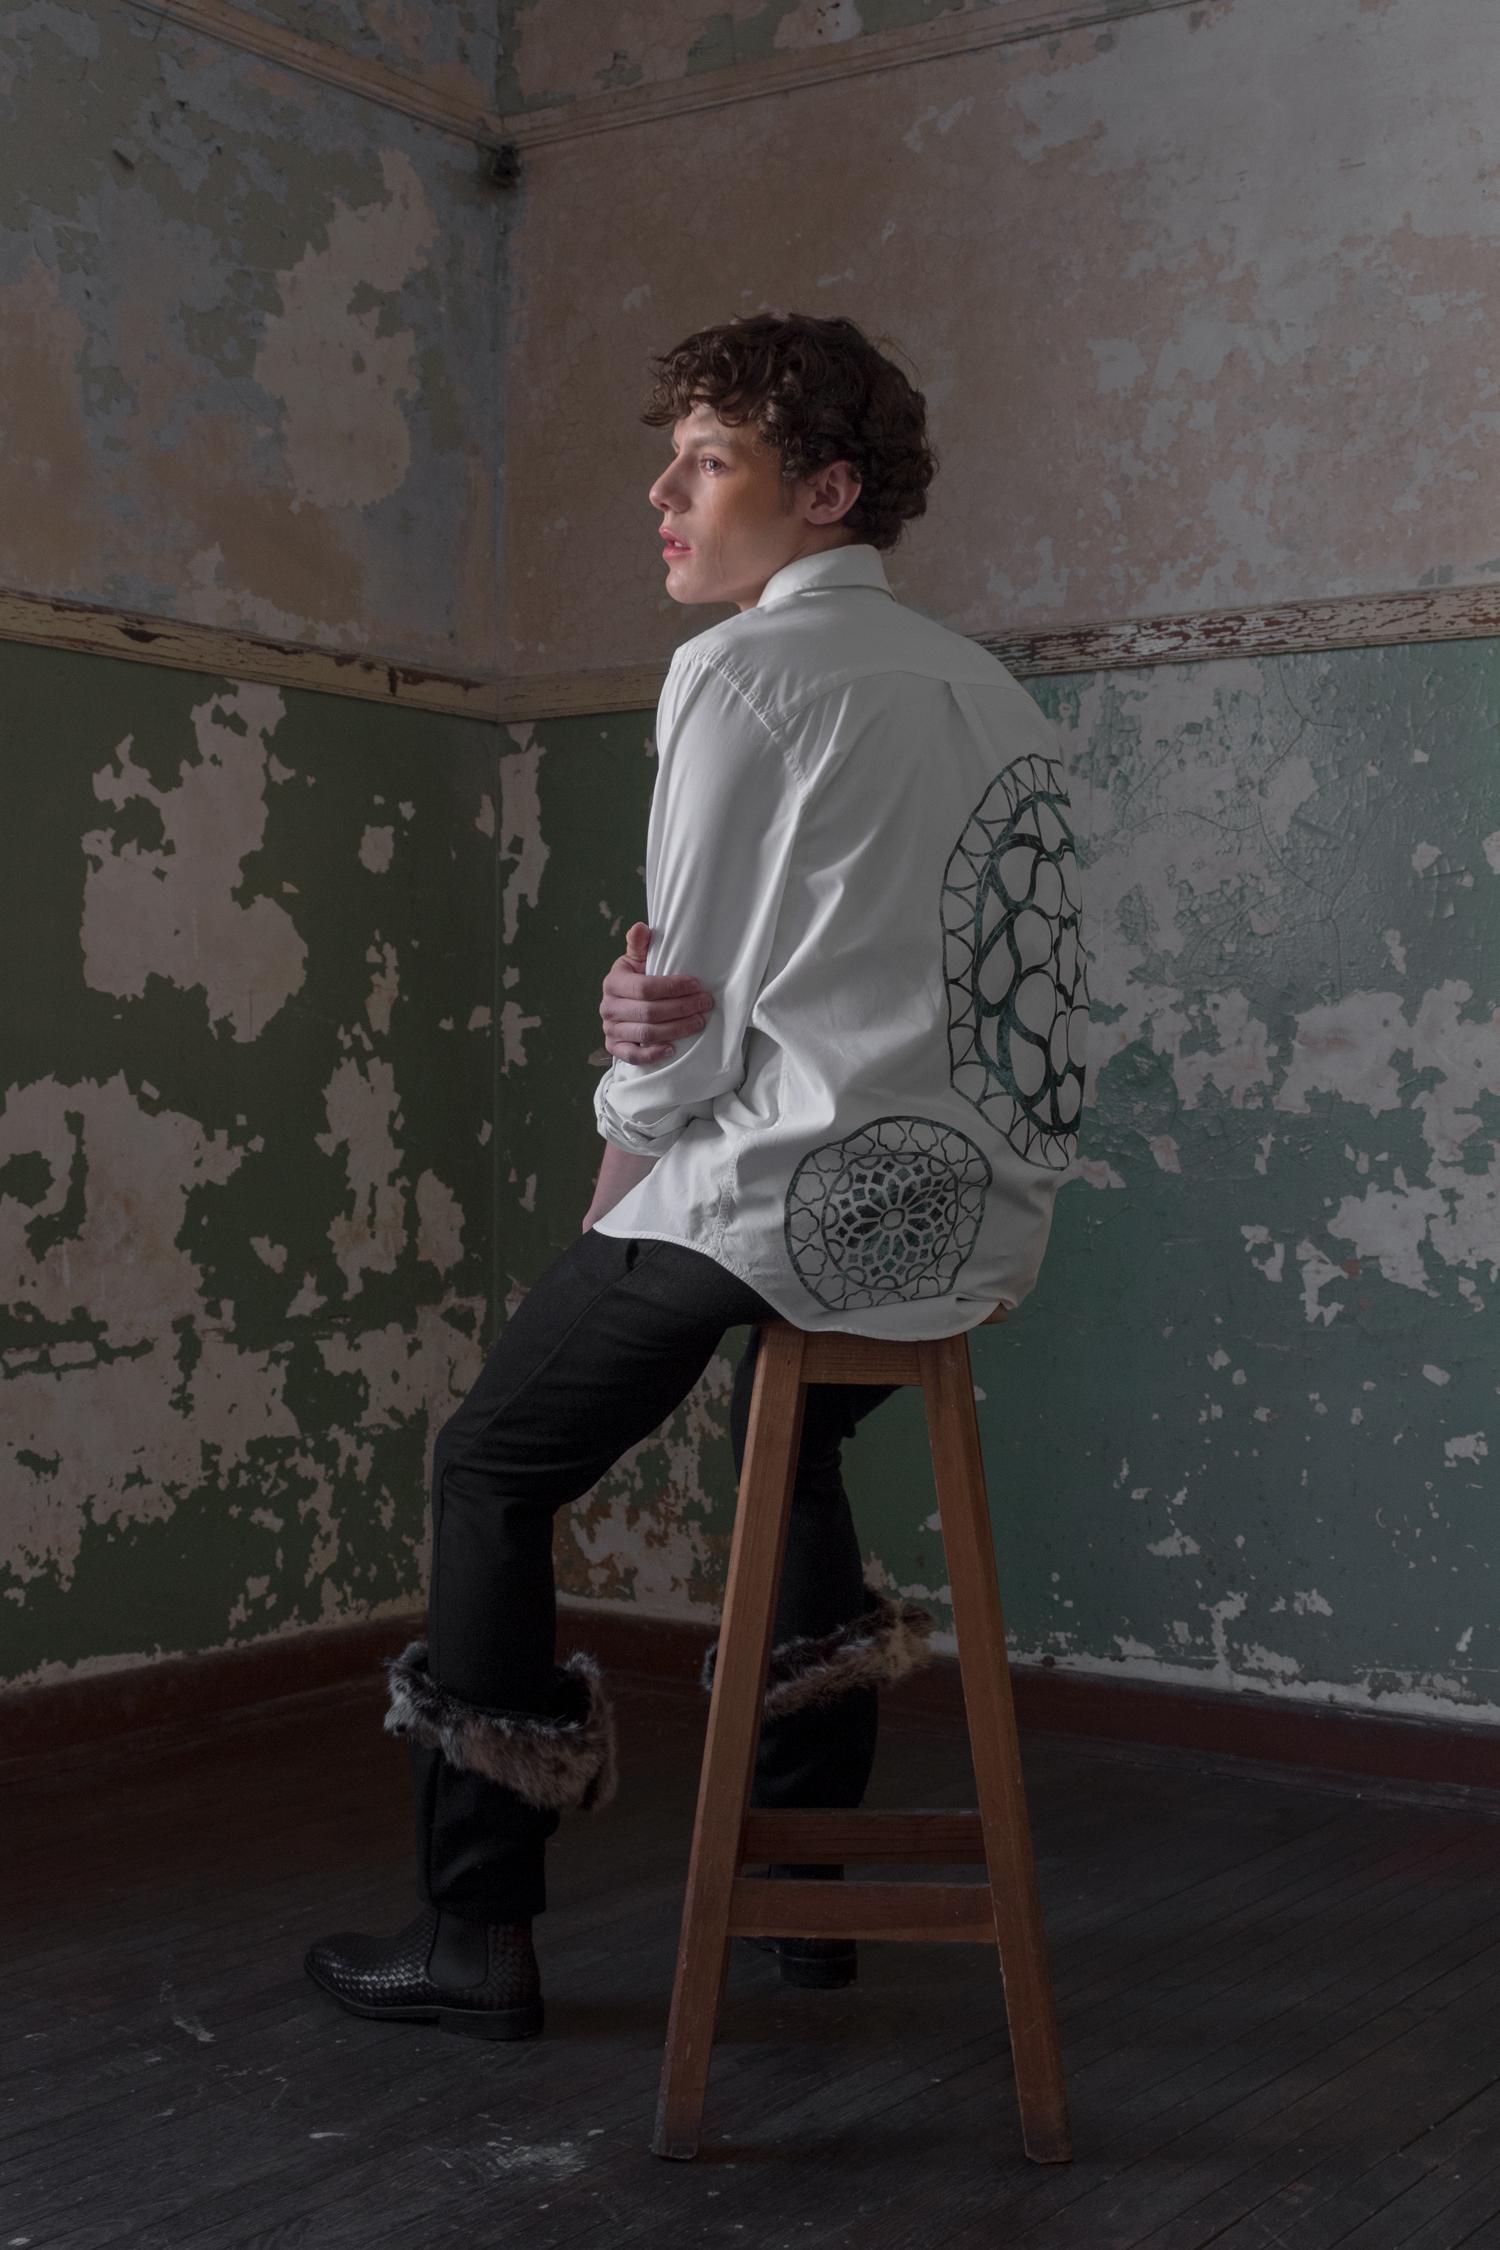 Pantalón de paño con piel y camisa blanca con seda de -Melanie Brunch. Botines de Zara.